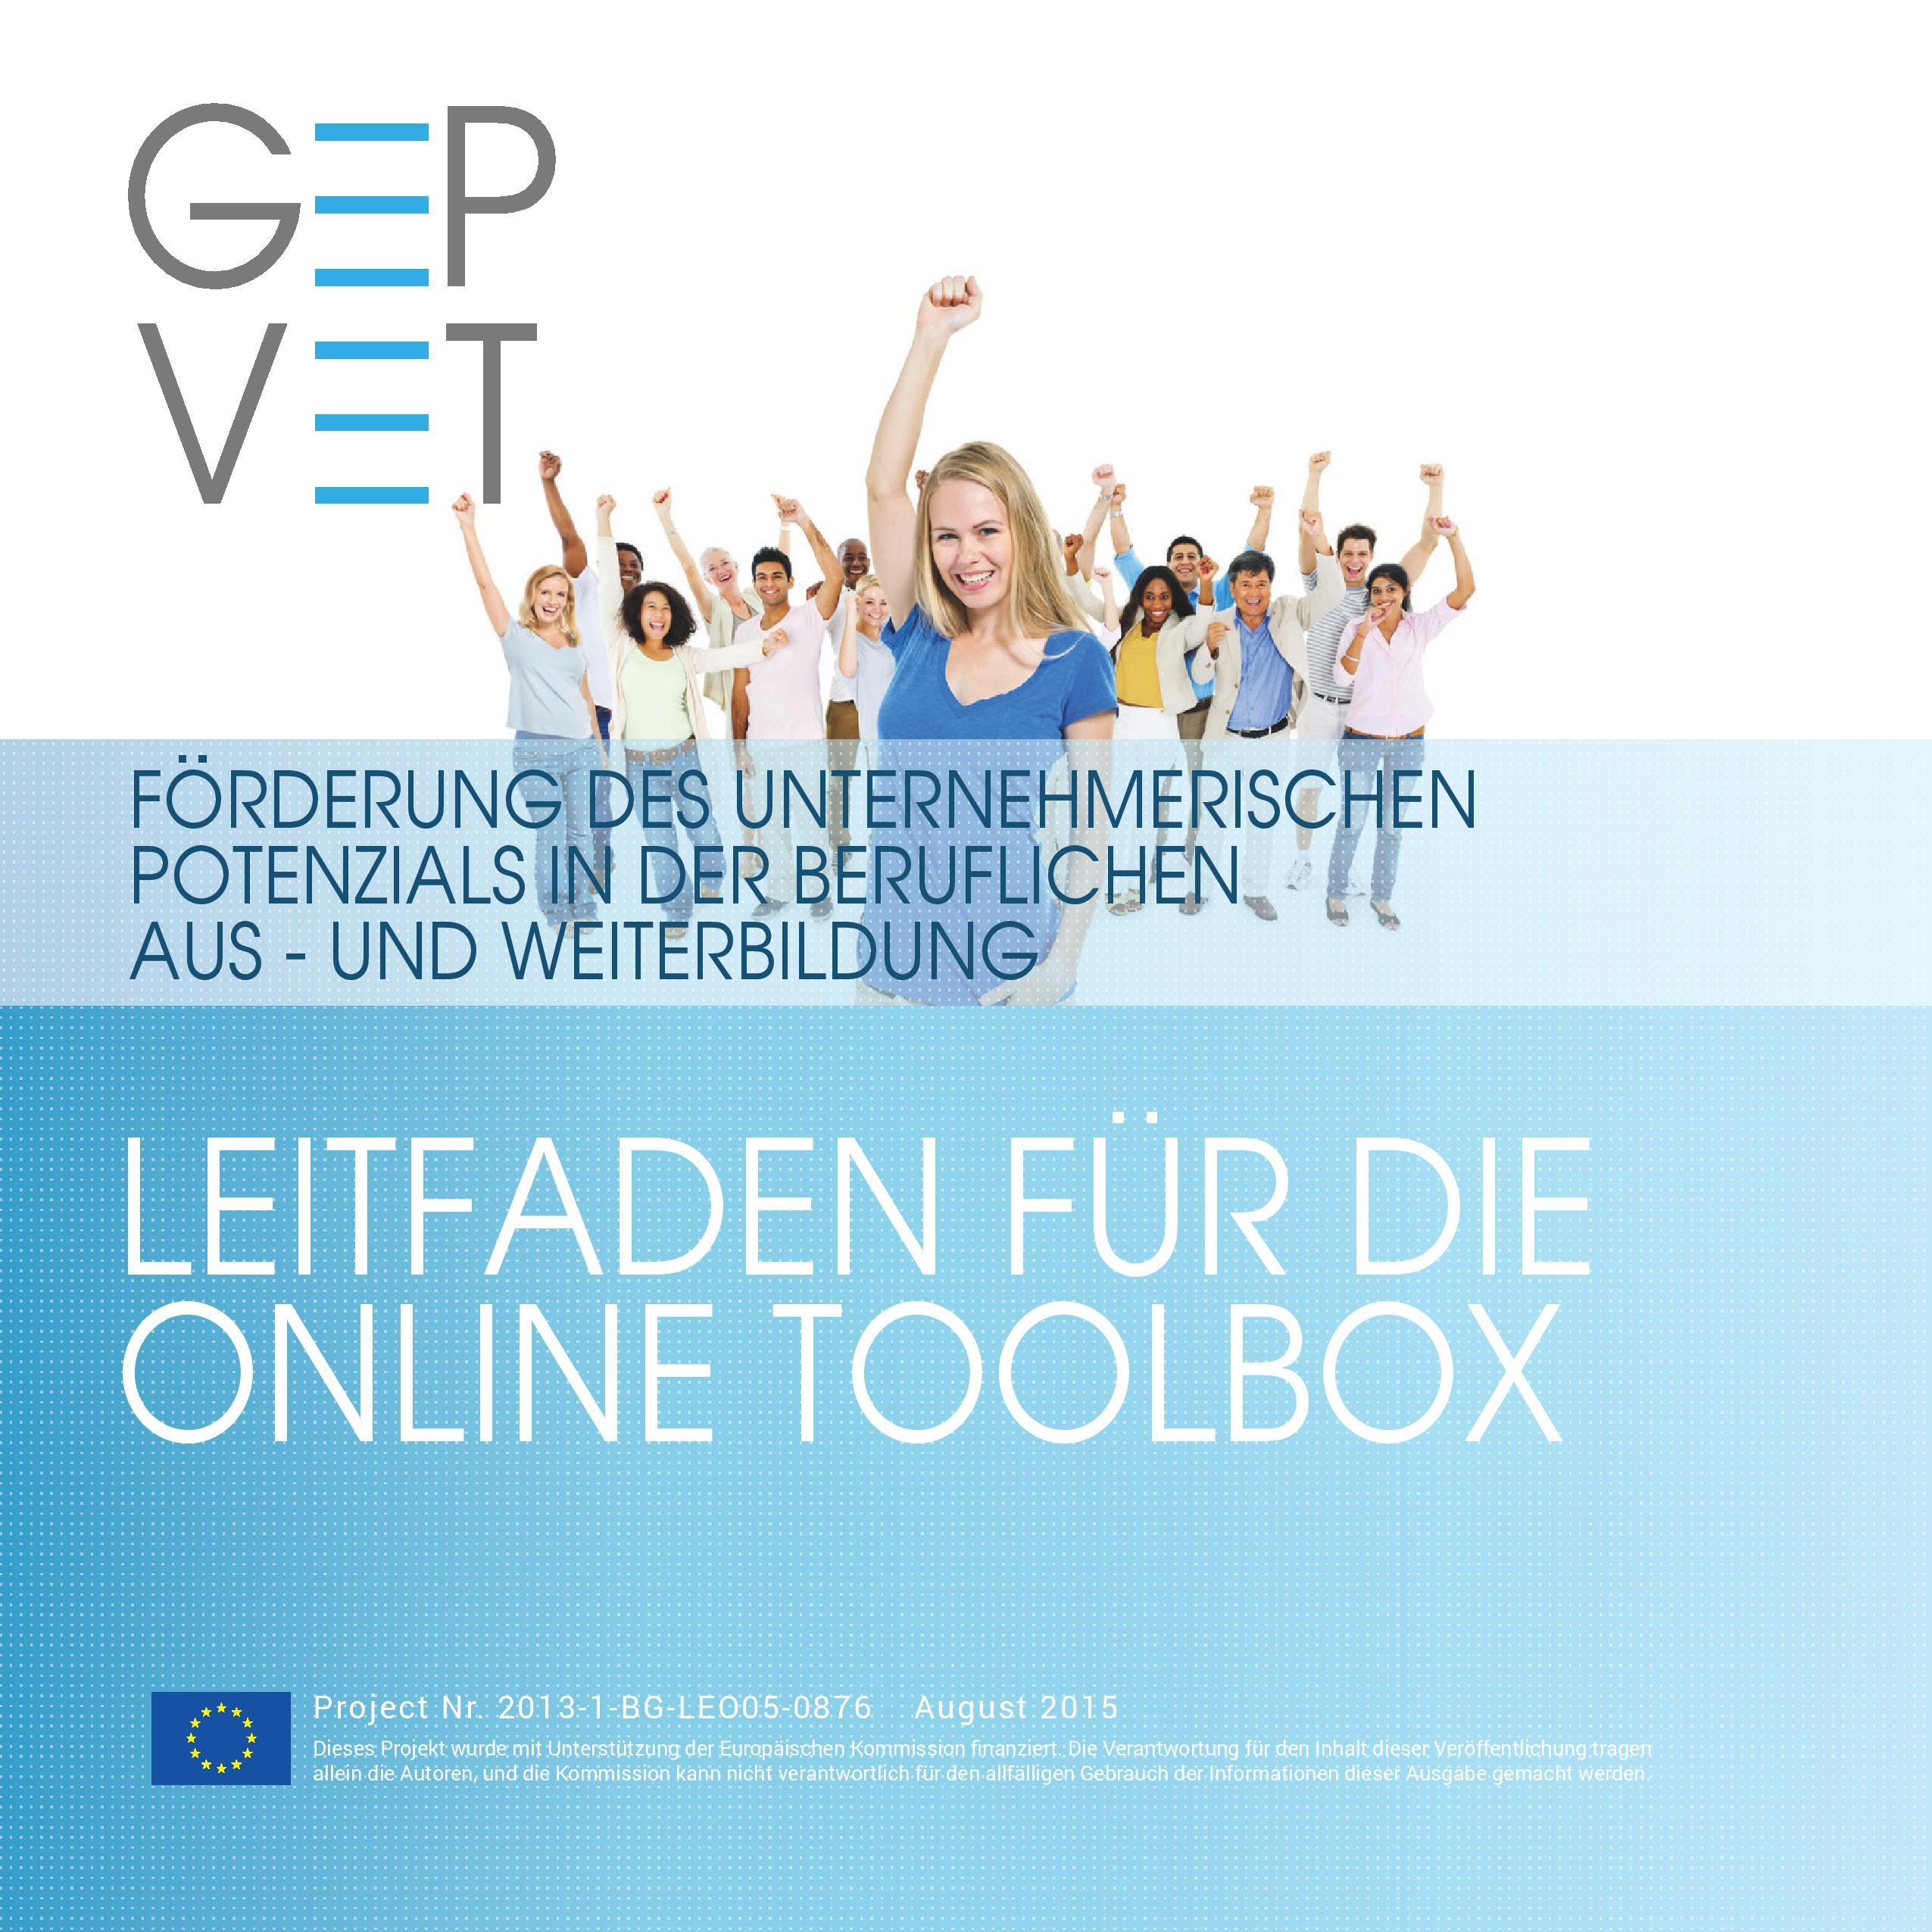 Leitfaden für die Online Toolbox